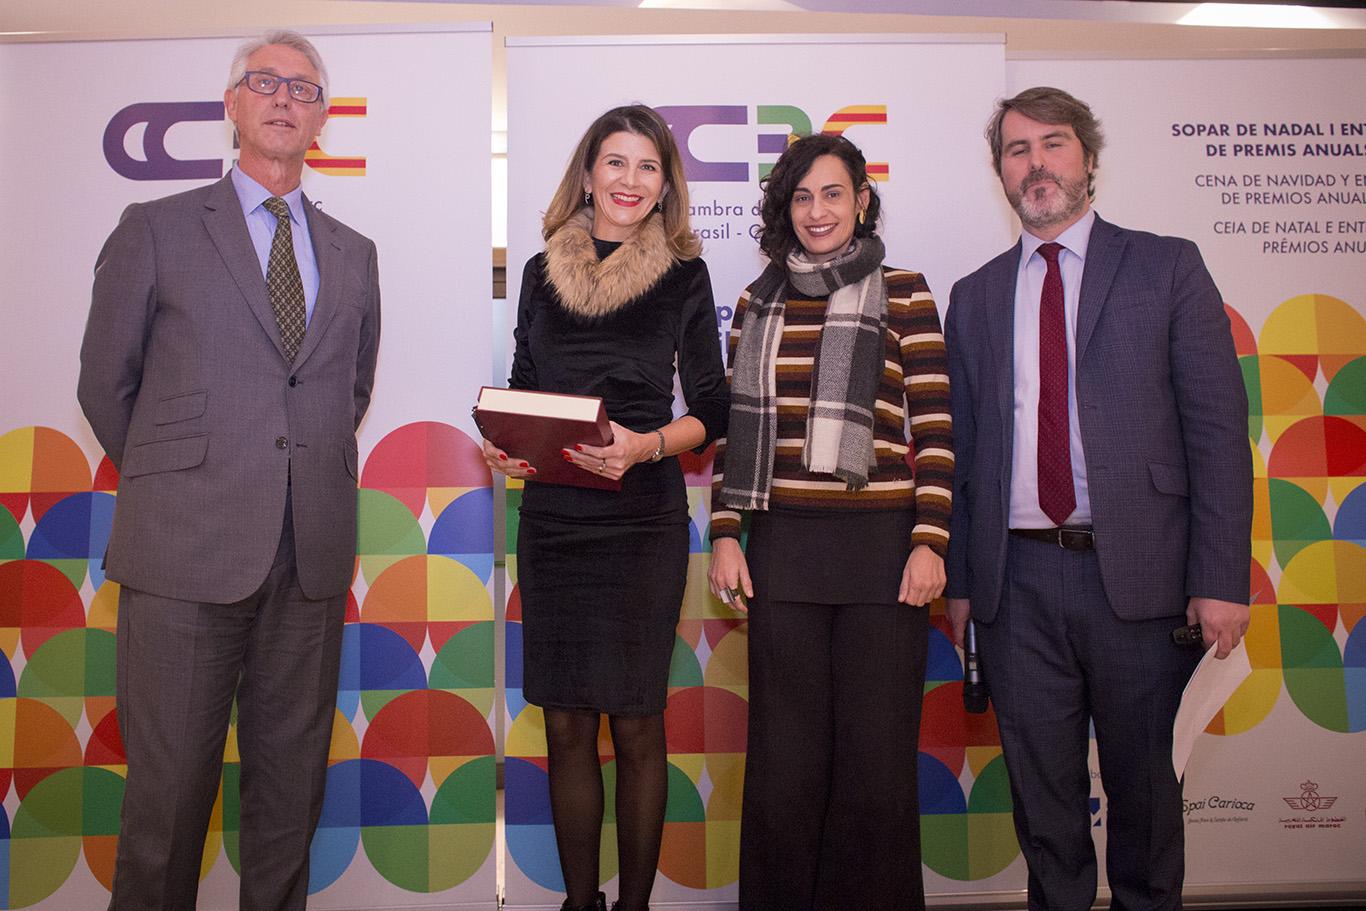 La CCBC entrega sus premios de honor en la cena de Navidad